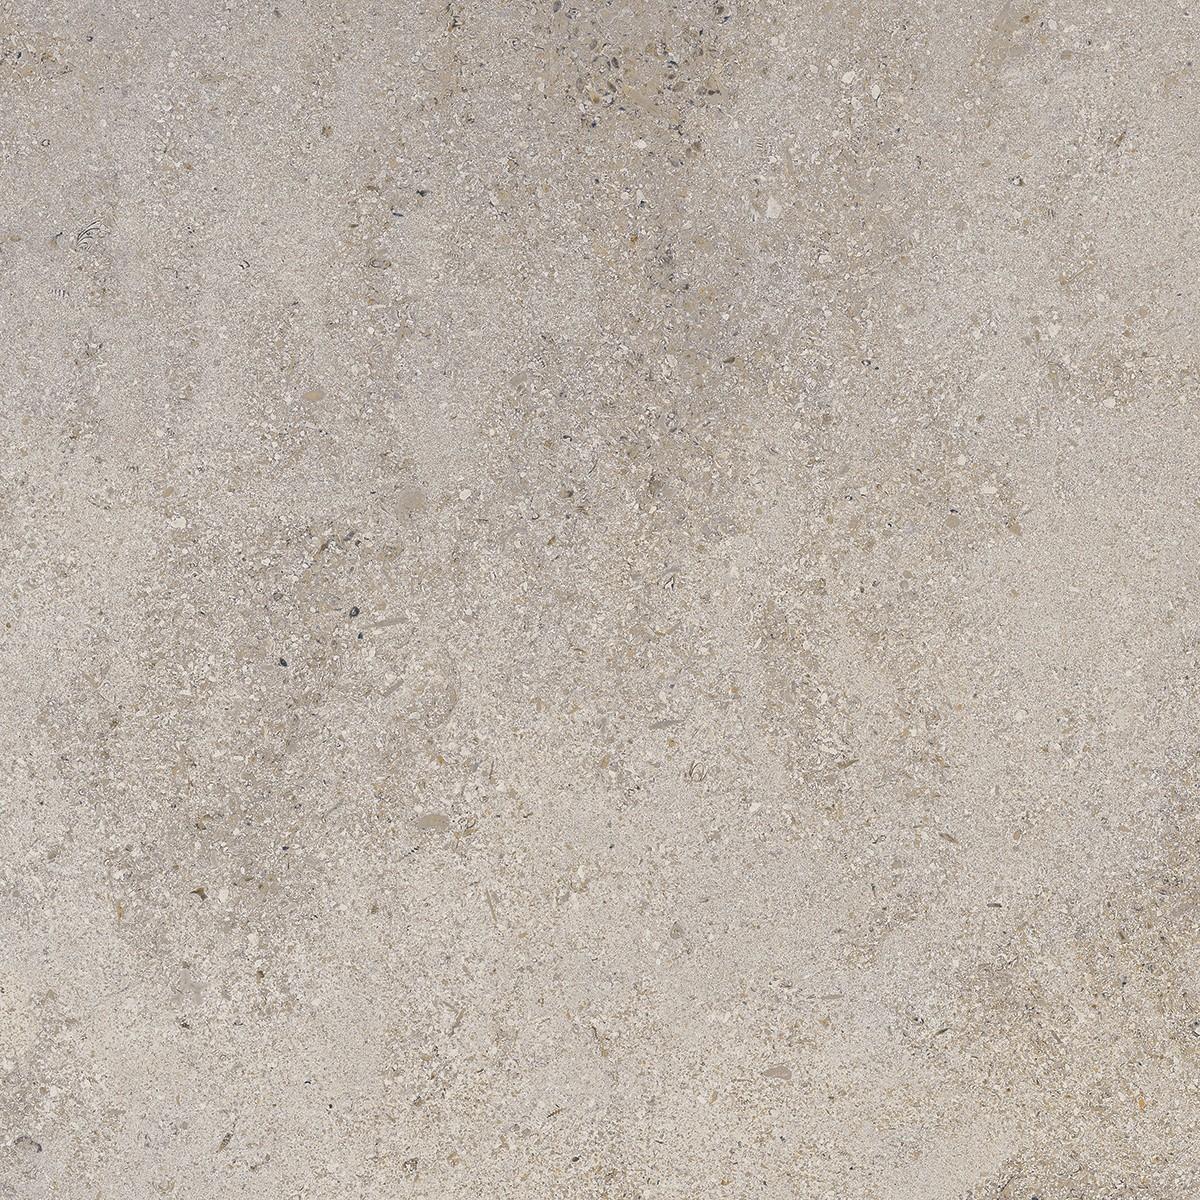 Imagem do produto PORCELANATO RETIFICADO EGON OUT - 70X70CM - DELTA - M²